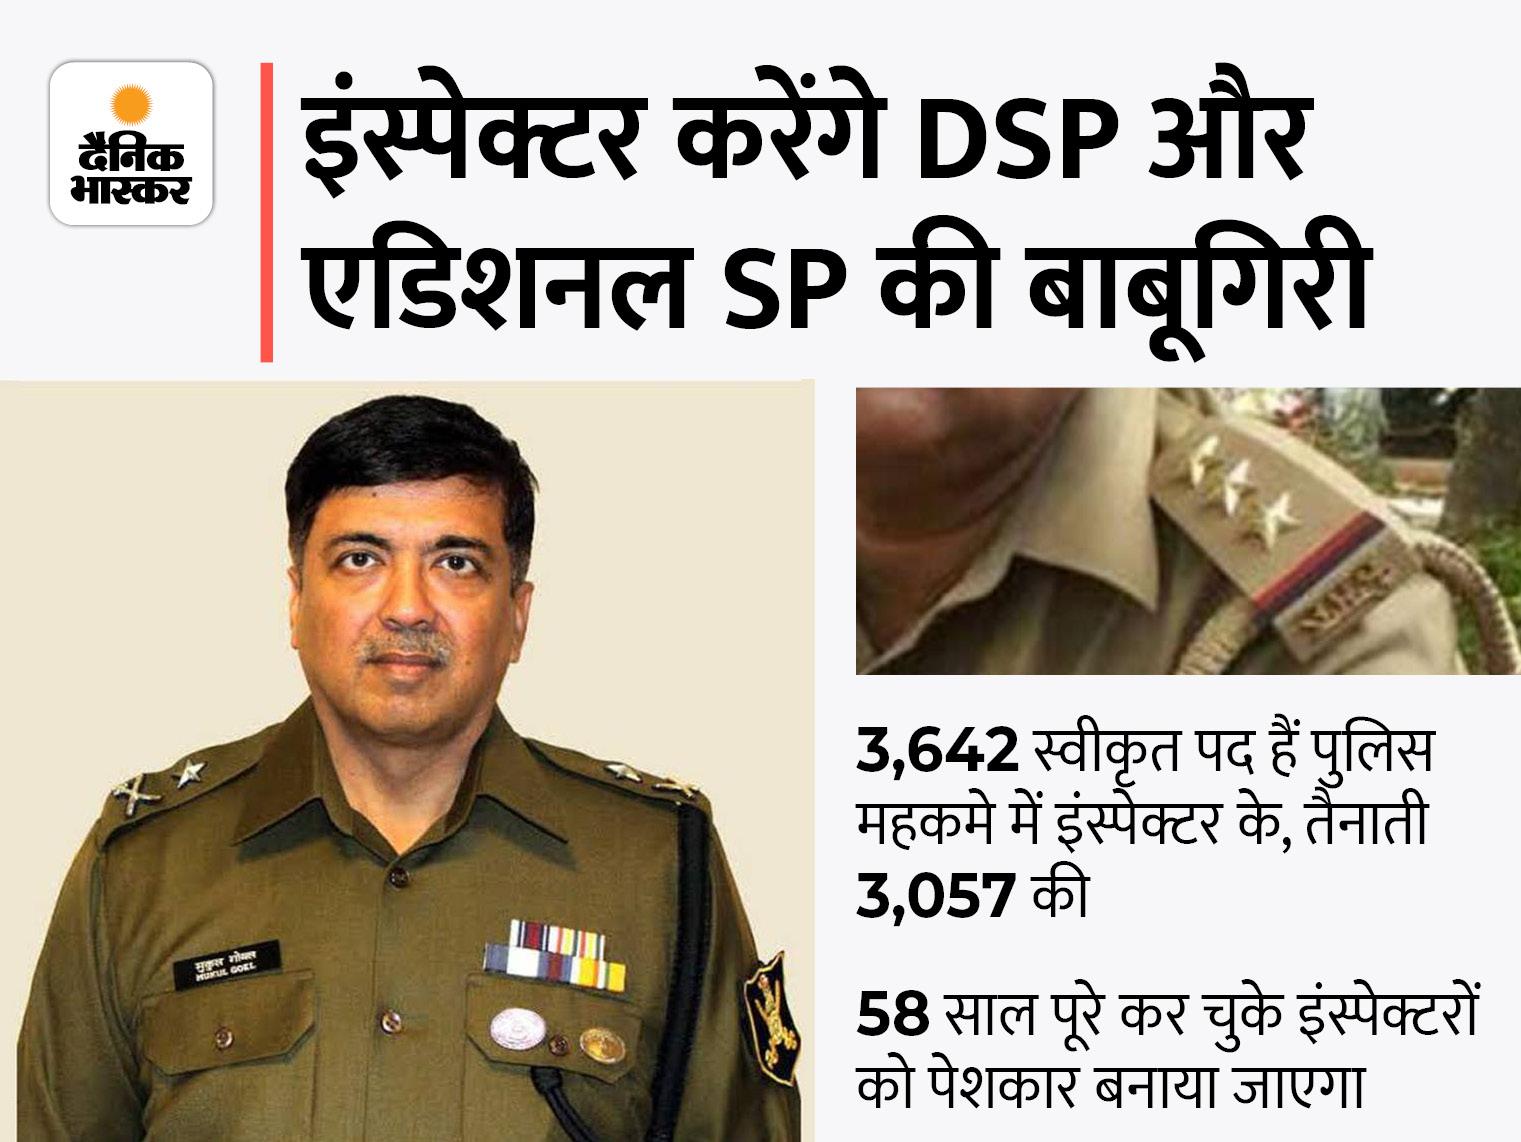 अब एडिशनल SP और DSP के पेशकार होंगे इंस्पेक्टर, सबसे पहले लखीमपुर खीरी में 8 की हुई तैनाती, DGP के आदेश पर छलका दर्द|वाराणसी,Varanasi - Dainik Bhaskar